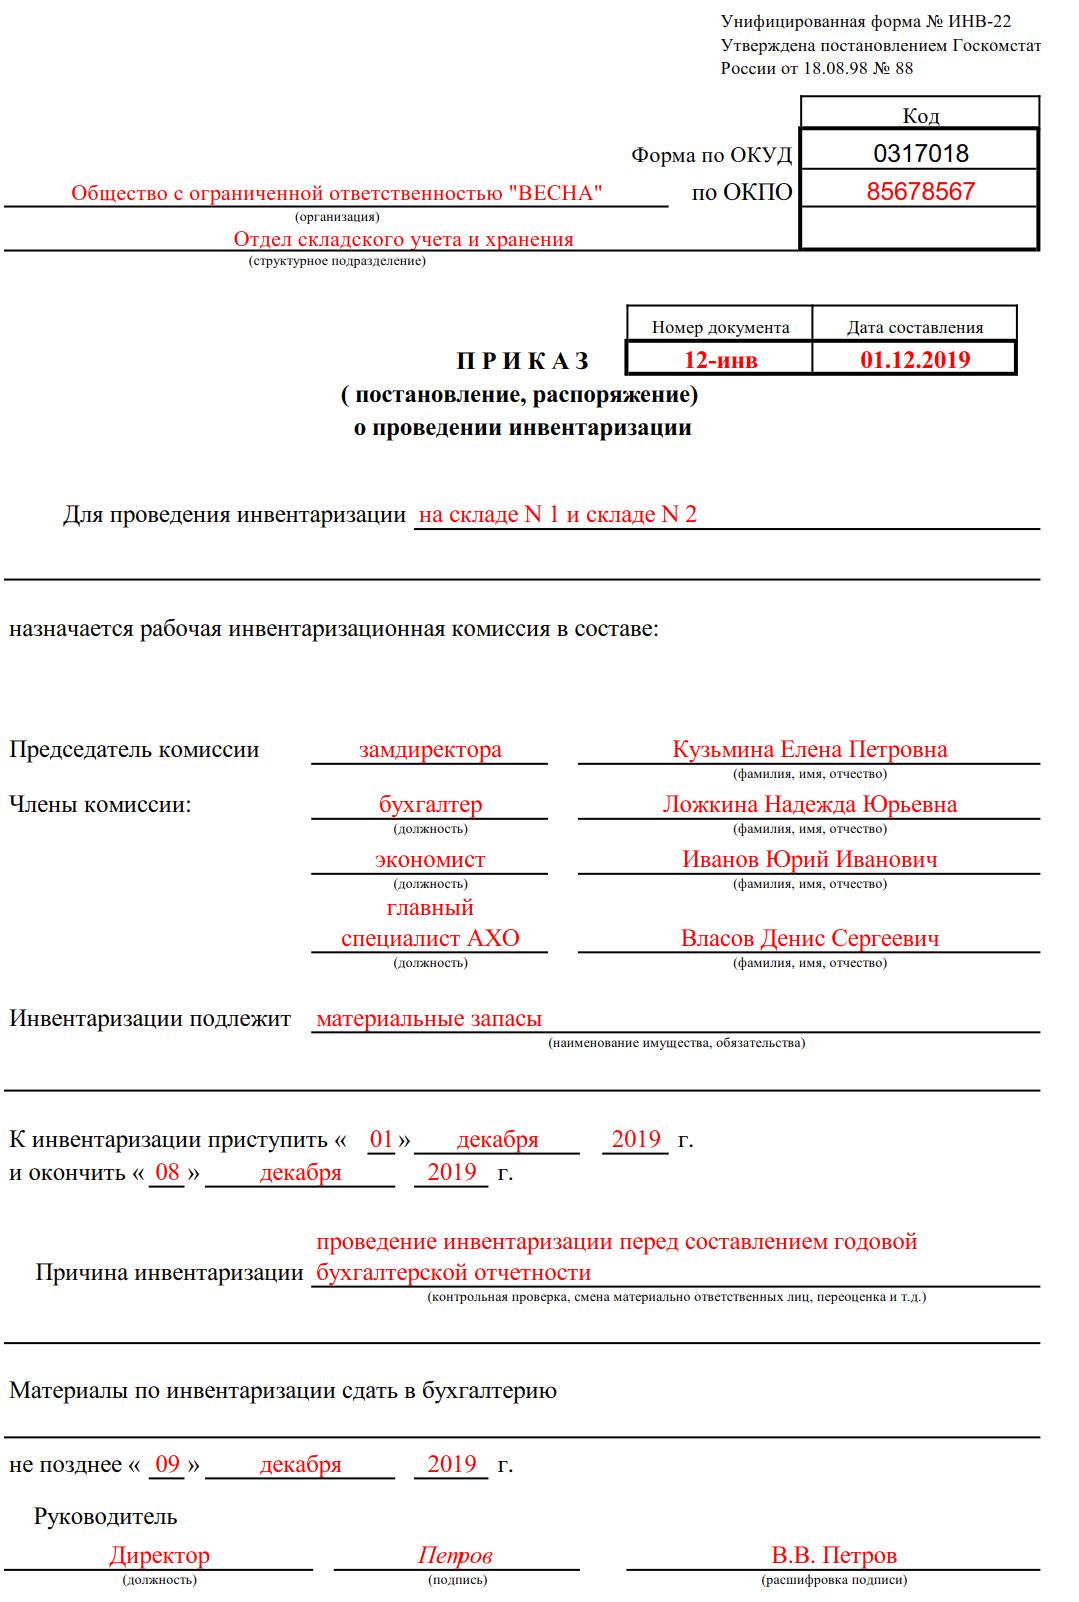 Правила проведения инвентаризации перед составлением годовой отчетности